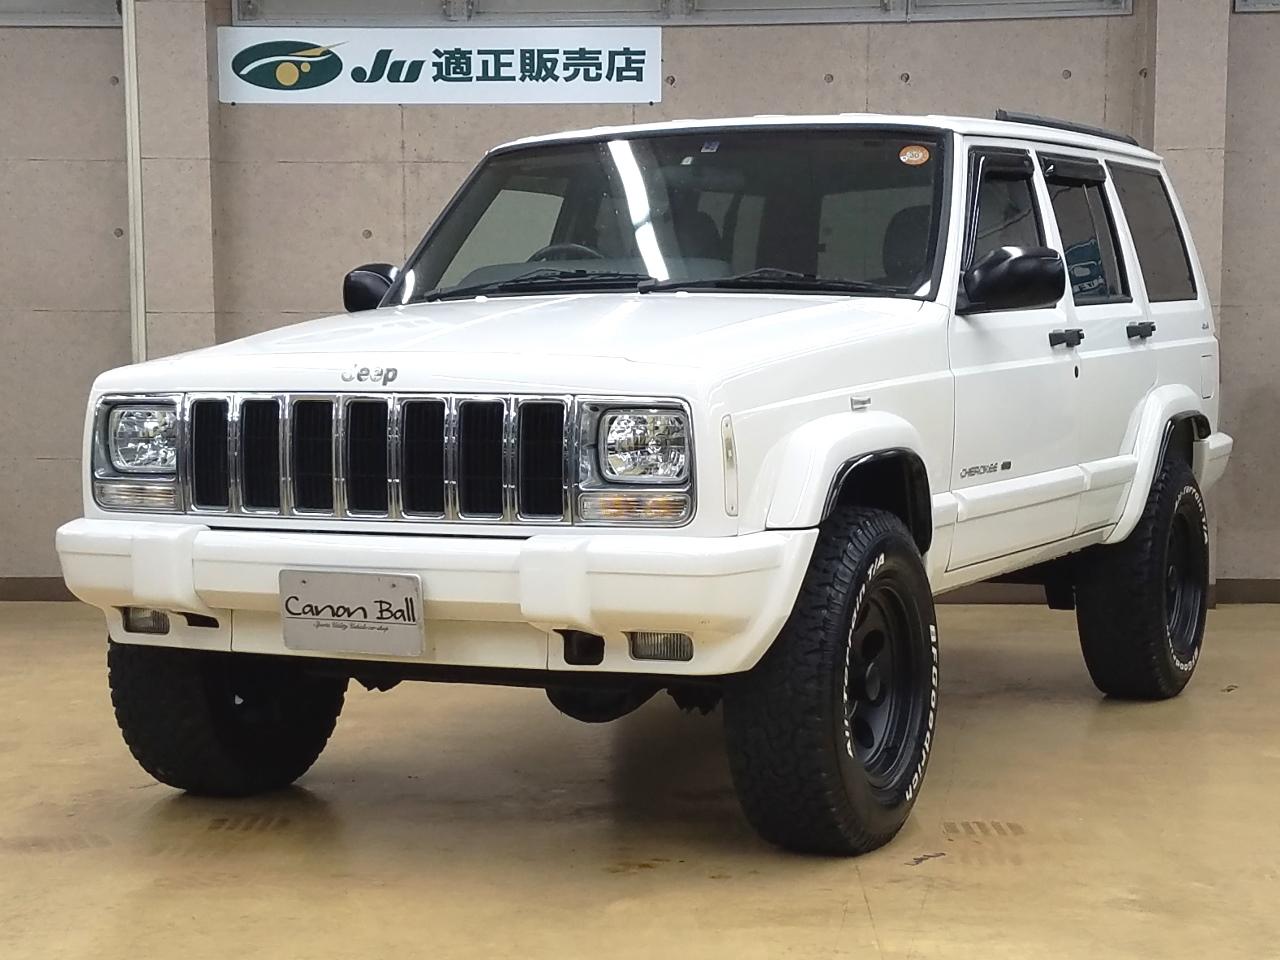 LTD ボディリフトUP 黒本革シート&ウッドインテリア ビルトイン式SDナビ一体機&Bluetooth【XJ型Jeep最終モデル】【1ナンバー登録済み車】